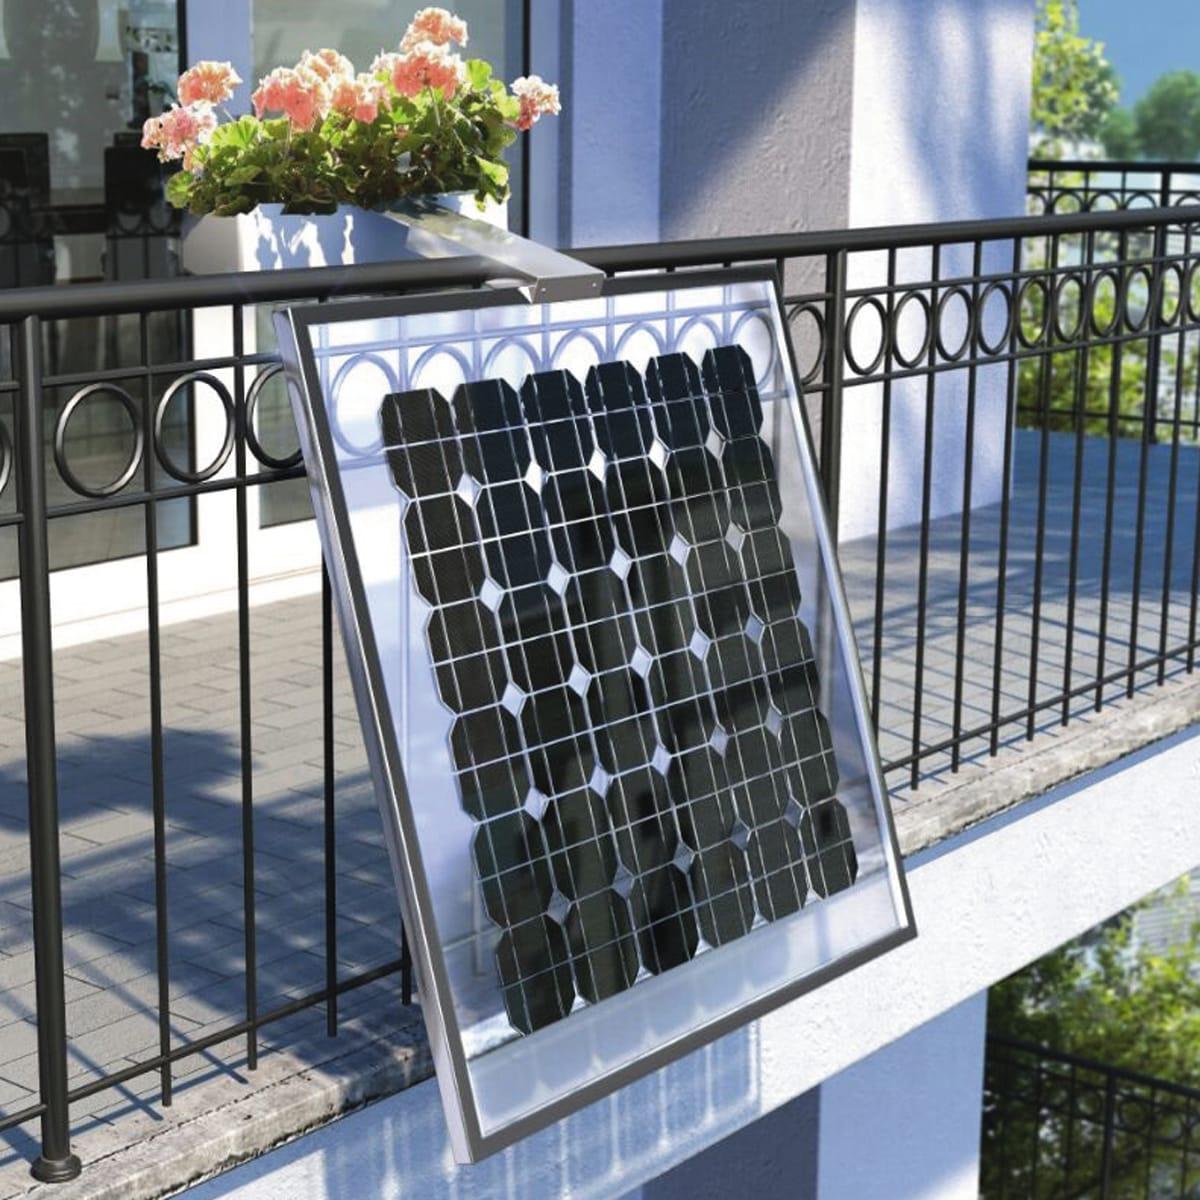 Leroy Merlin Fioriere Da Balcone fotovoltaico fai da te balcone fioriera 160 w